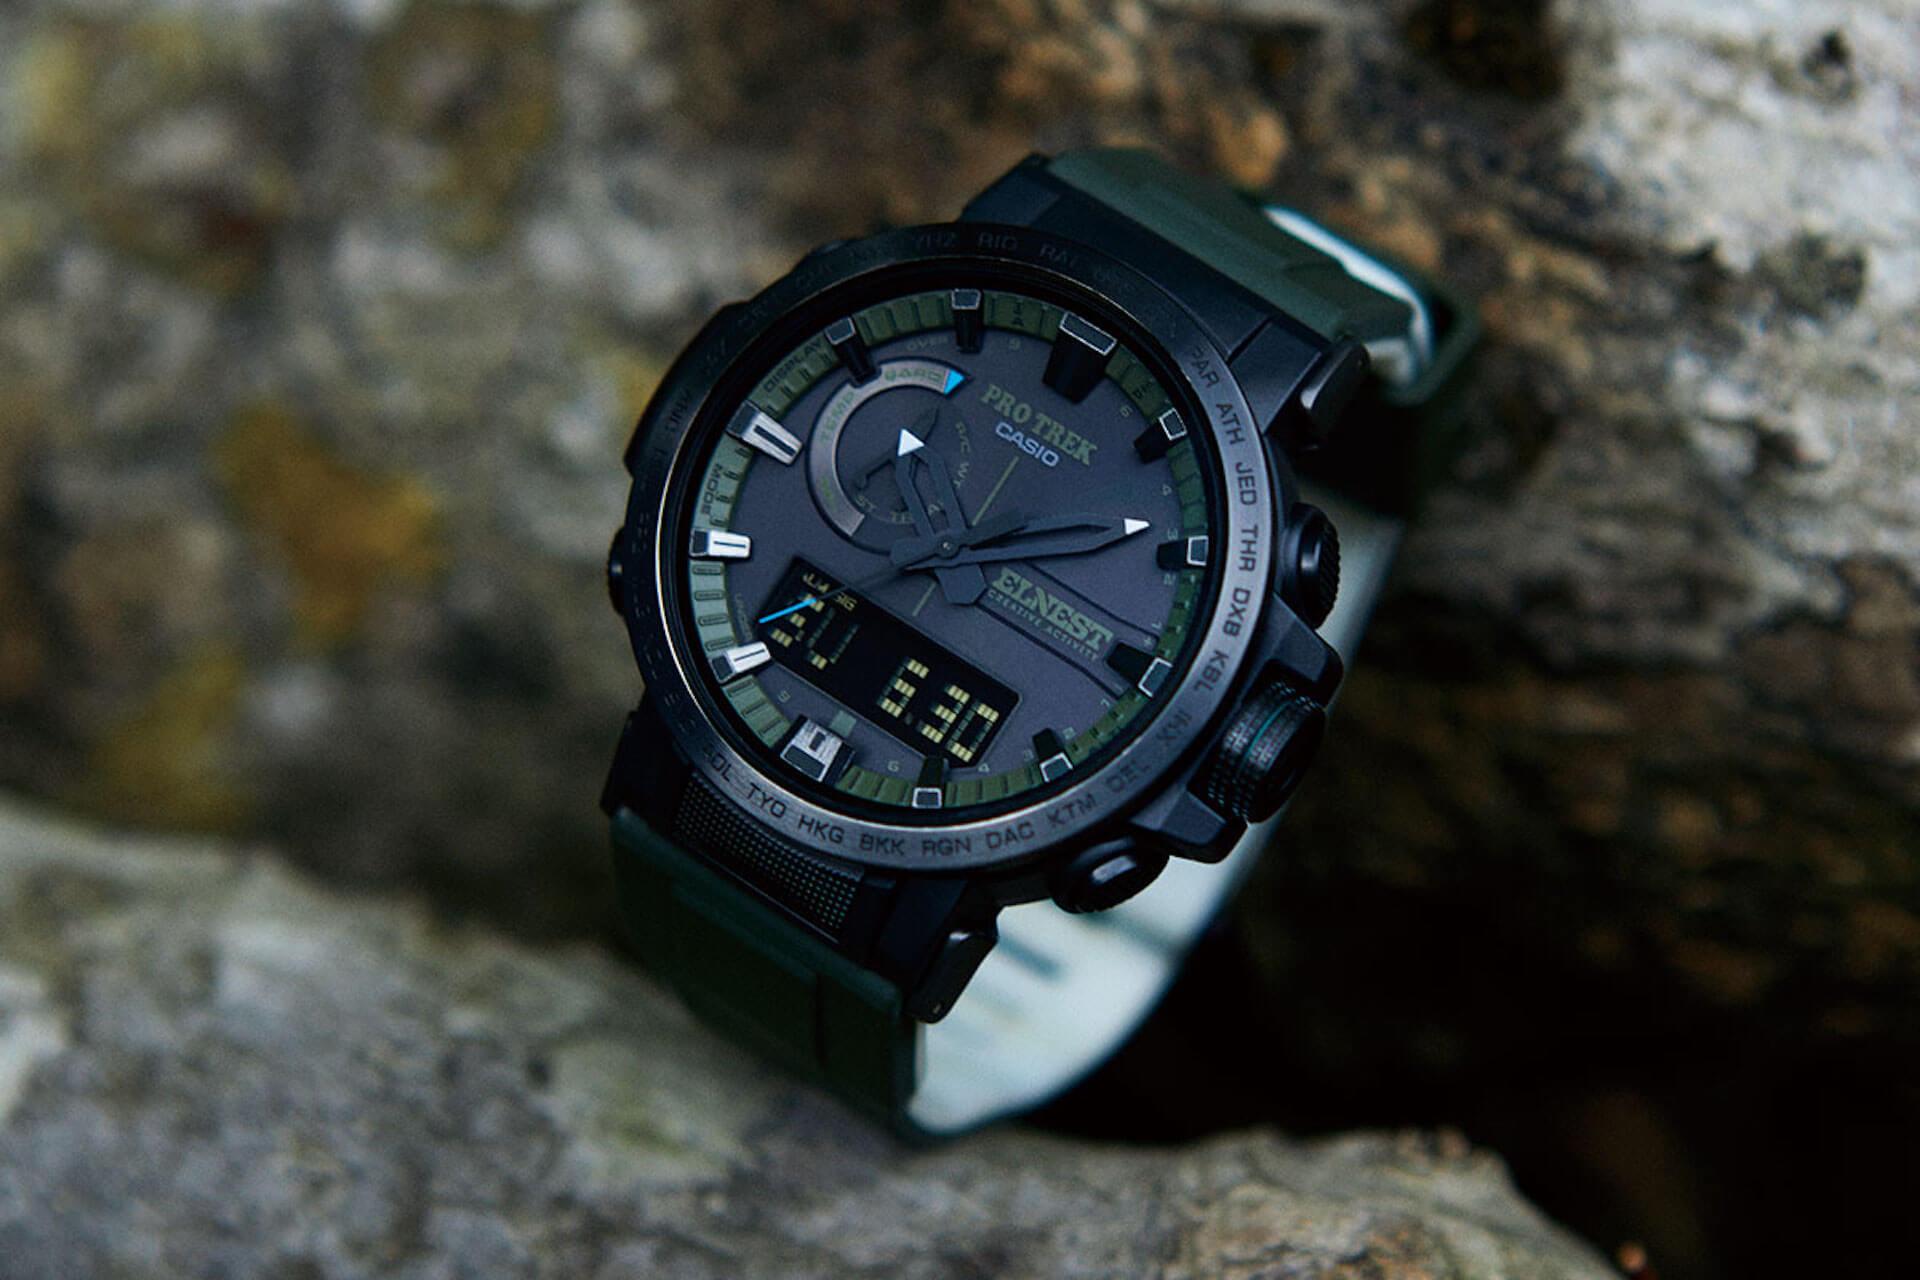 【おすすめメンズ腕時計10選】アウトドアからタウンユースまで!おしゃれで高性能な最新アウトドア・リストウォッチ特集 tech191226_jeep_watch_3